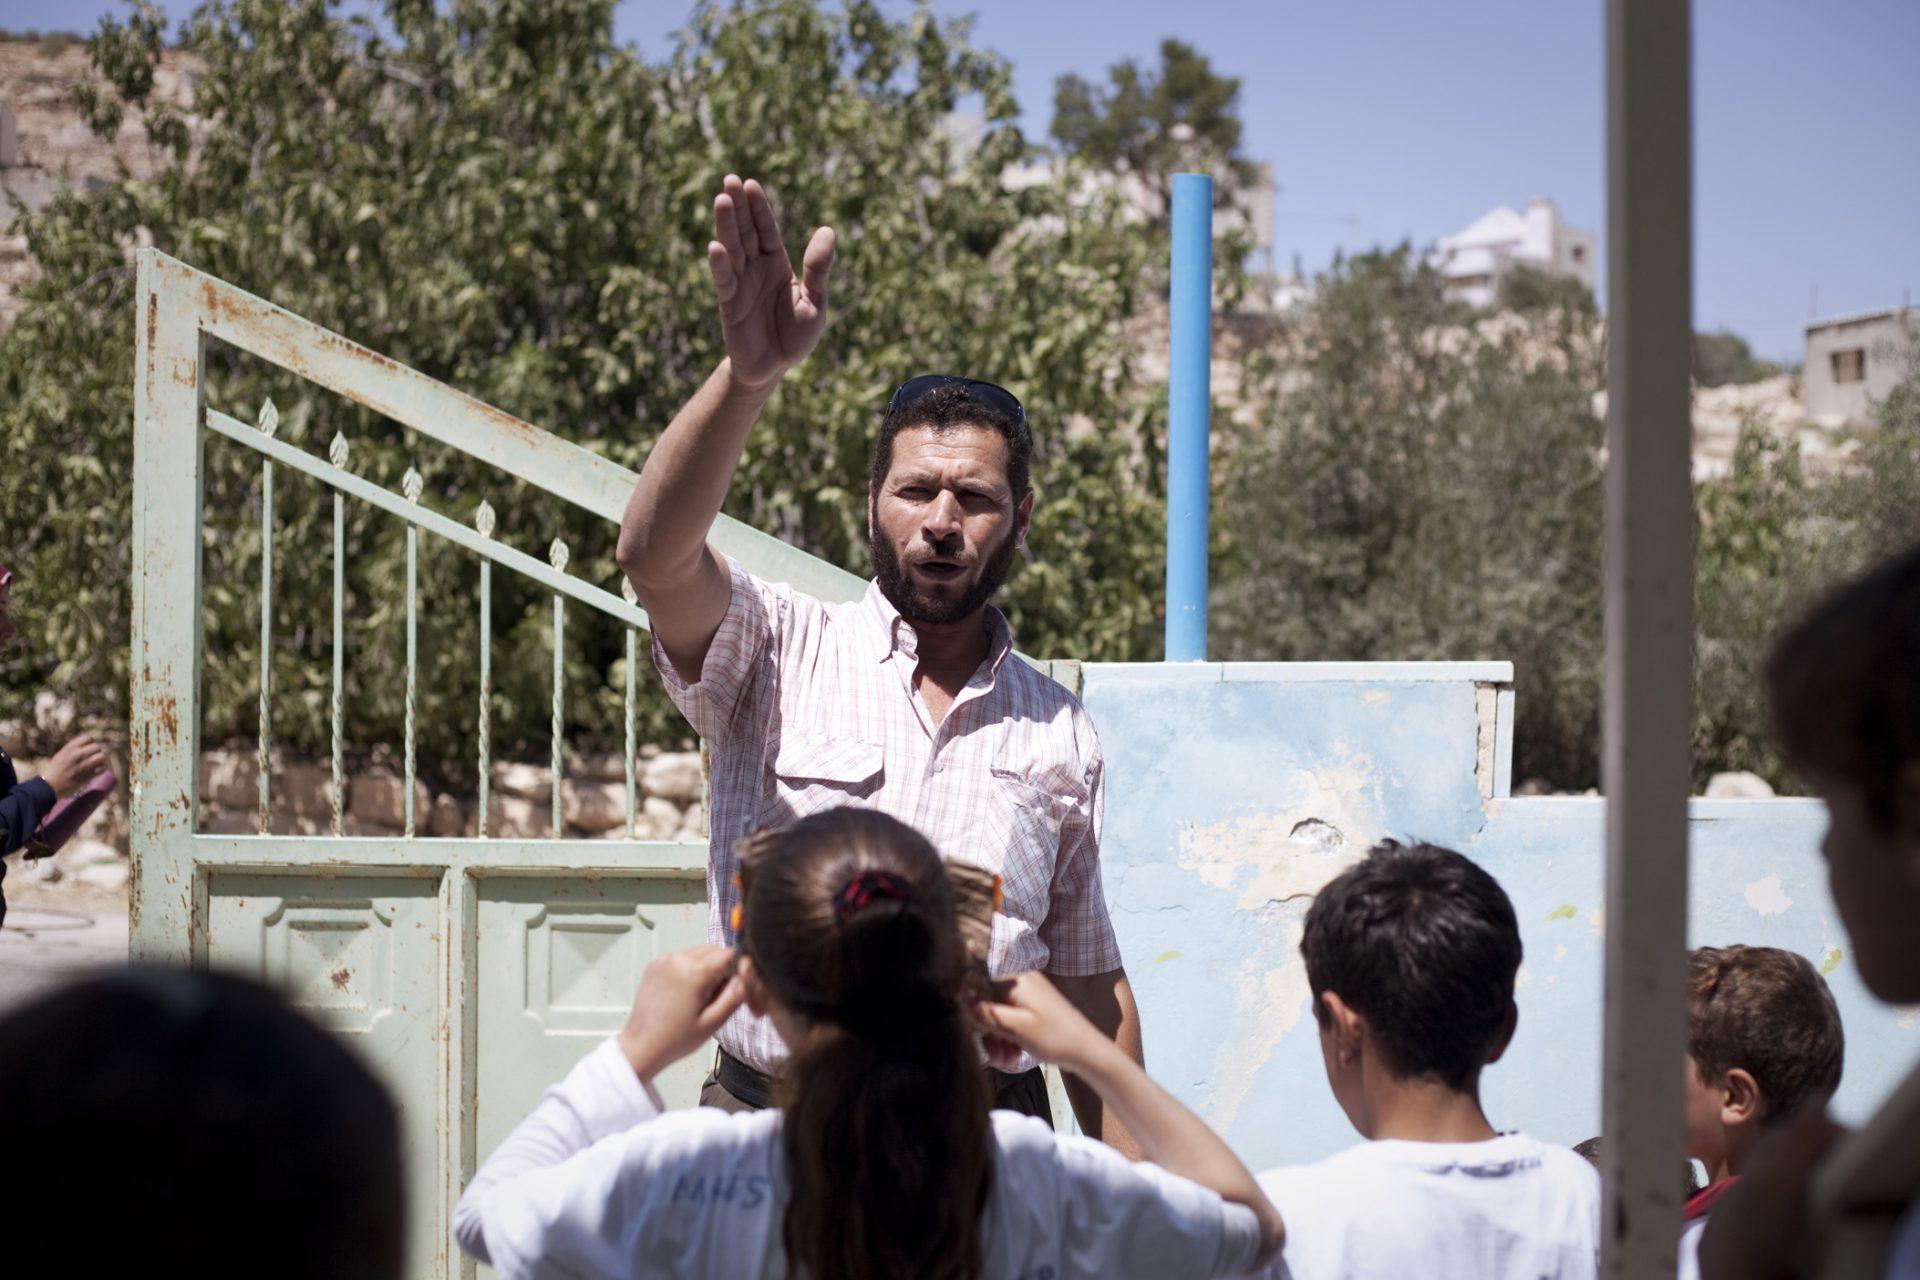 Suleiman est un des leaders du village, notamment dans la mise en oeuvre des actions de résistance pacifique.